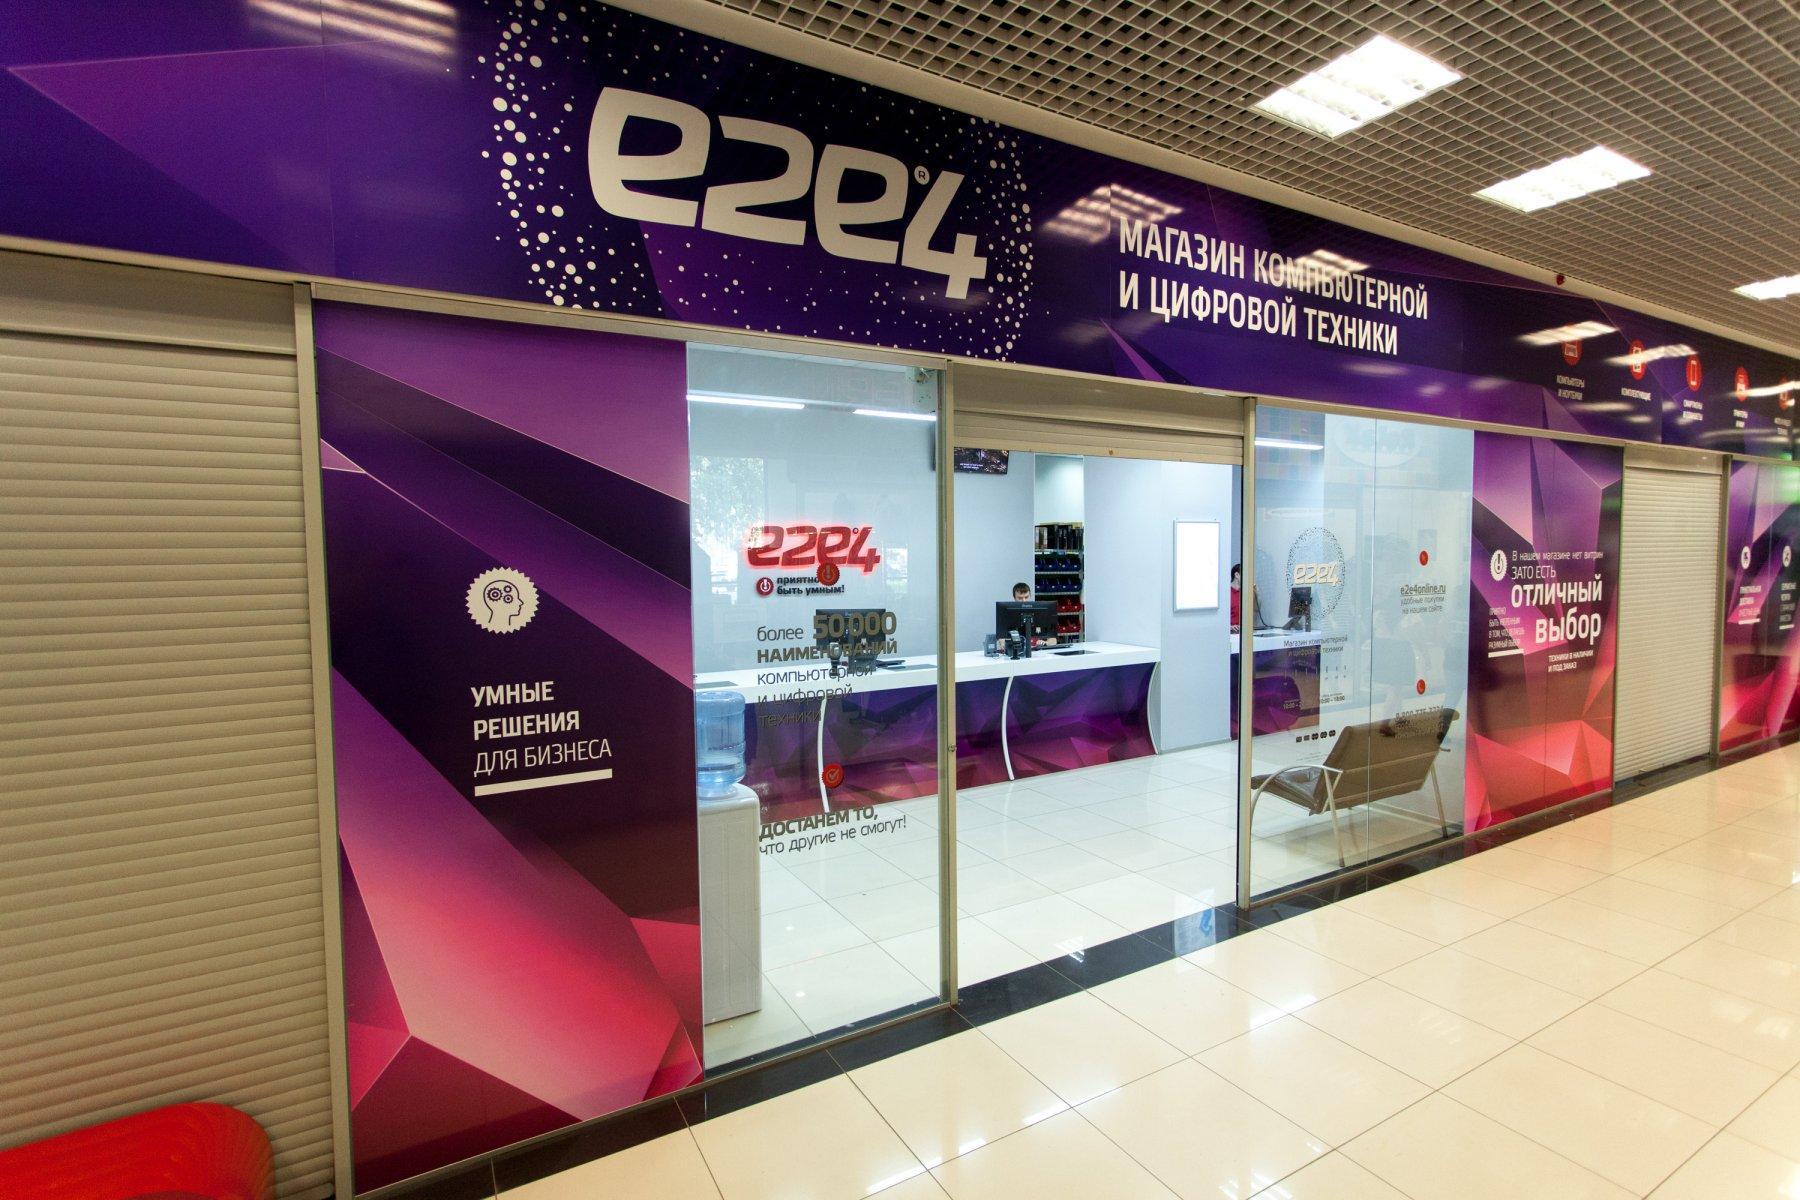 Е2е4 Томск Интернет Магазин